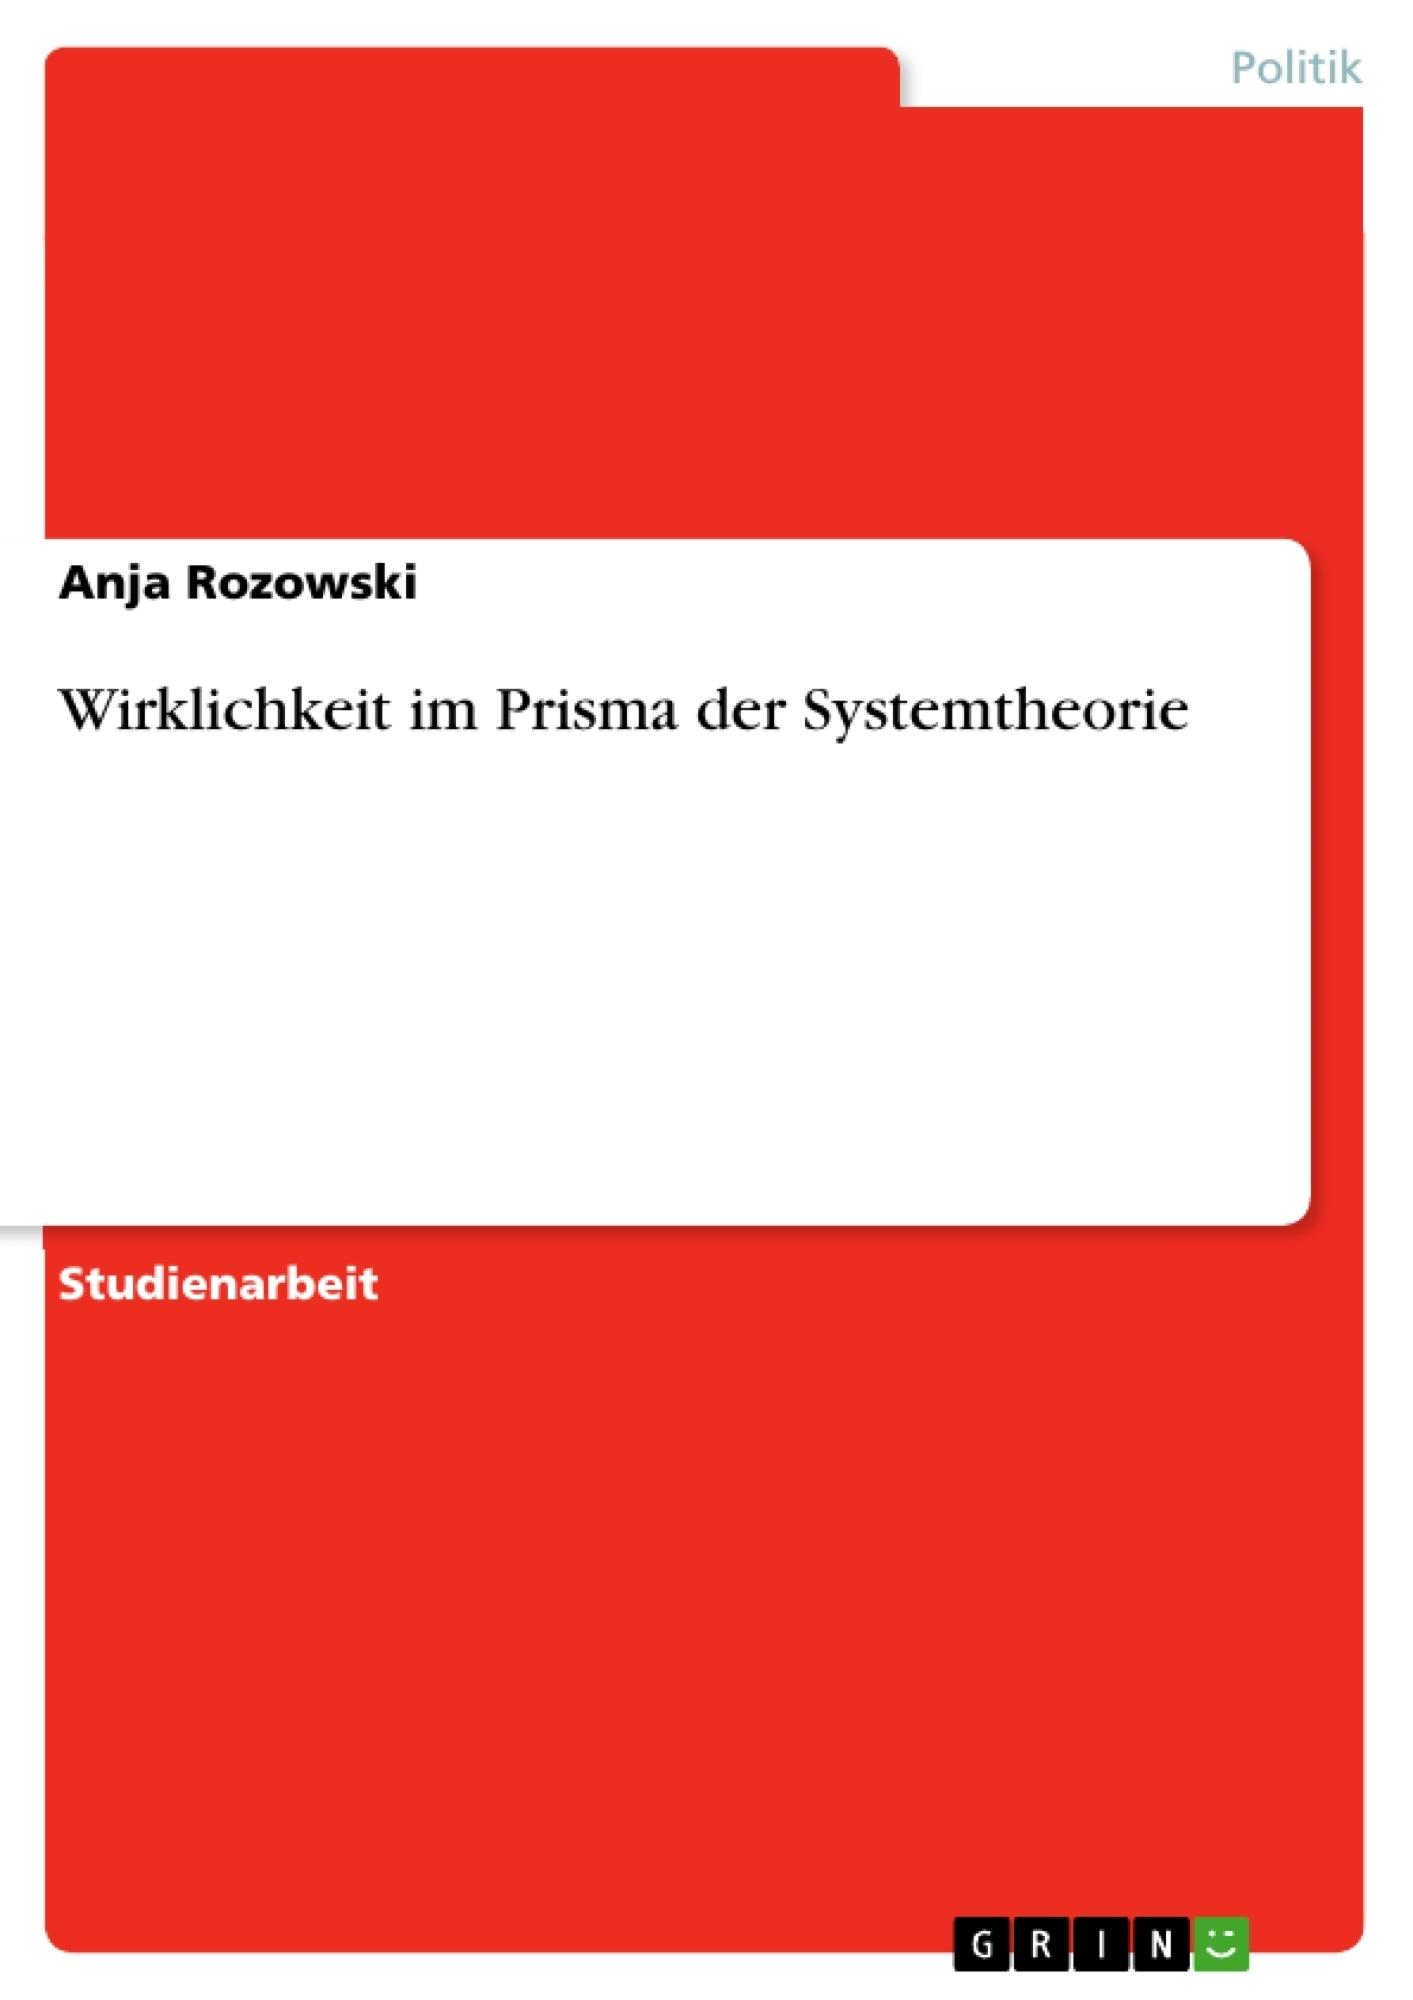 Titel: Wirklichkeit im Prisma der Systemtheorie